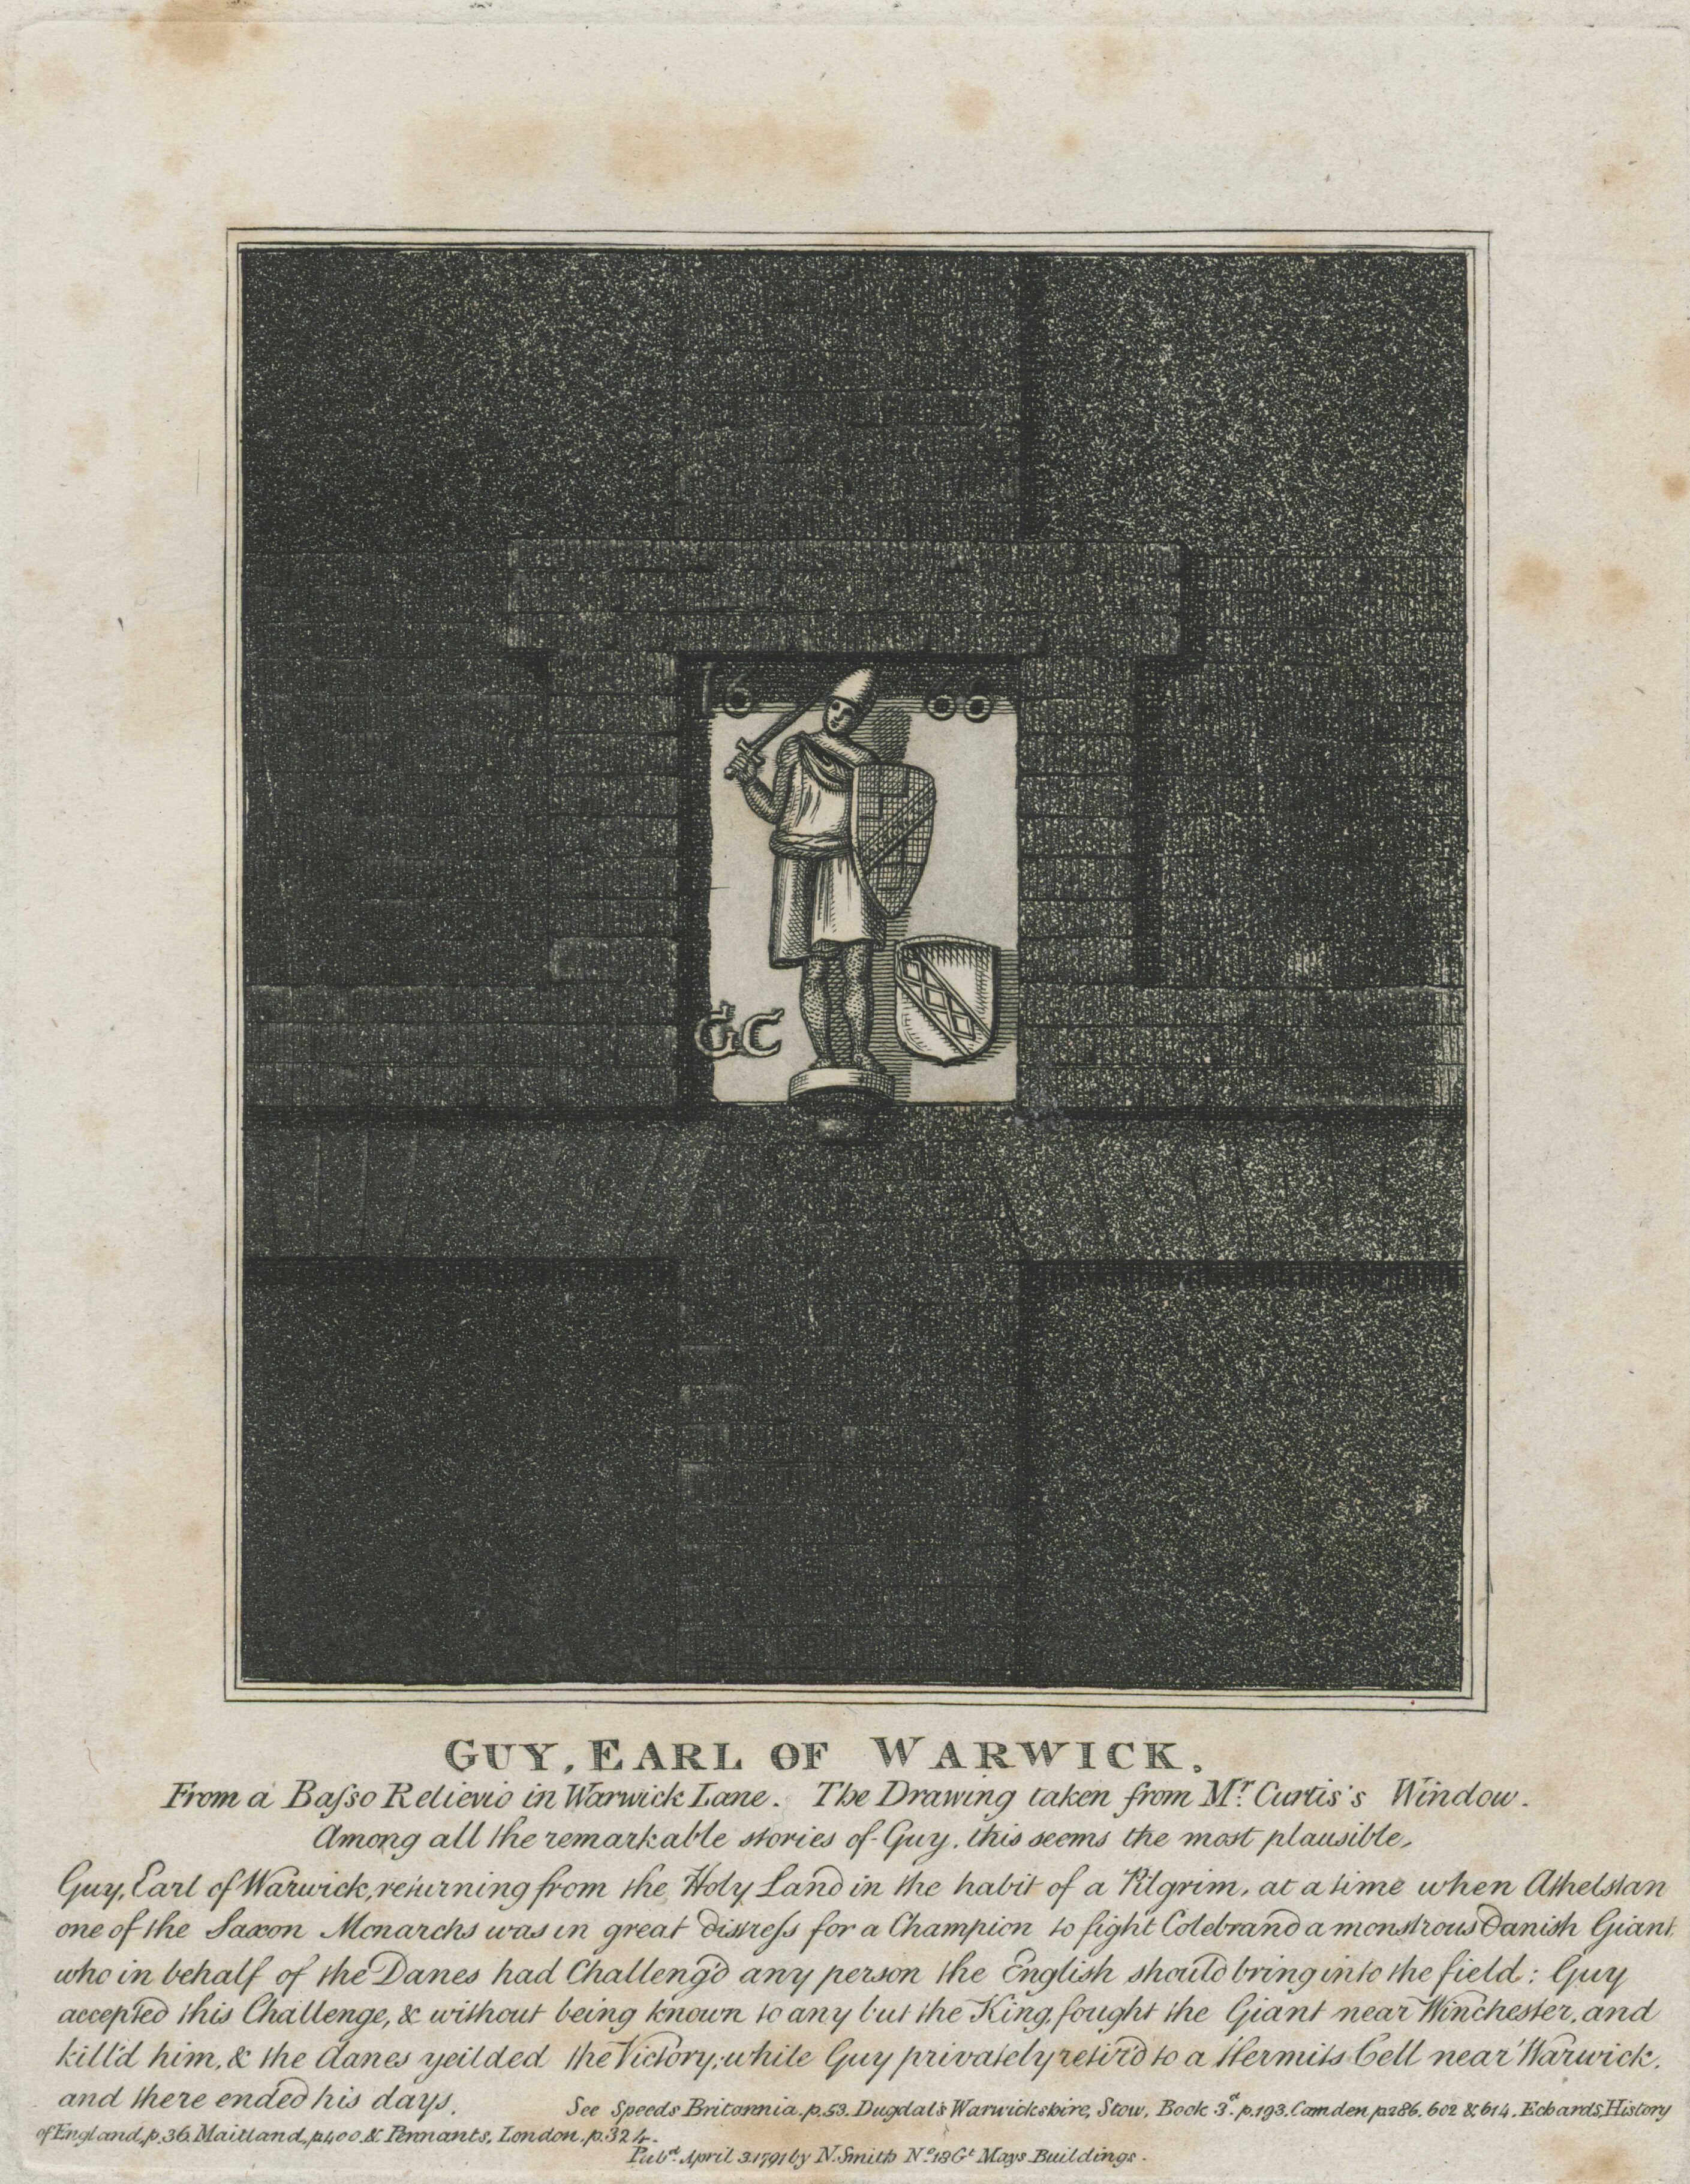 12-guy-earl-of-warwick-from-a-basso-relievo-in-warwick-lane